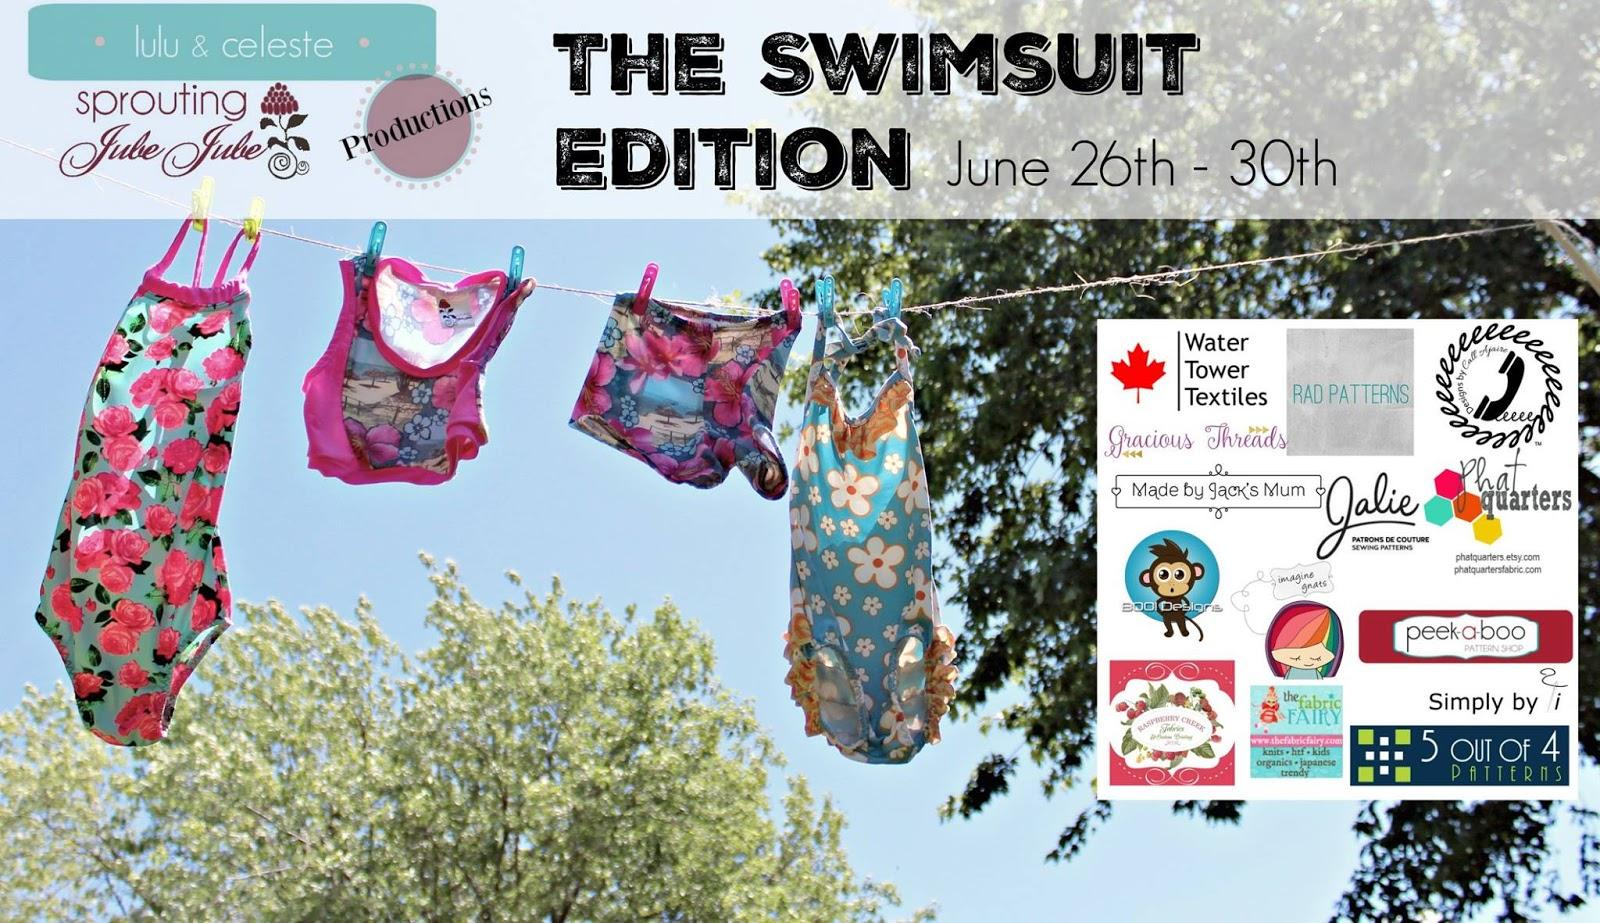 48bedfbdb70 FABulous Home Sewn: Modest Swimwear! A Blog Tour